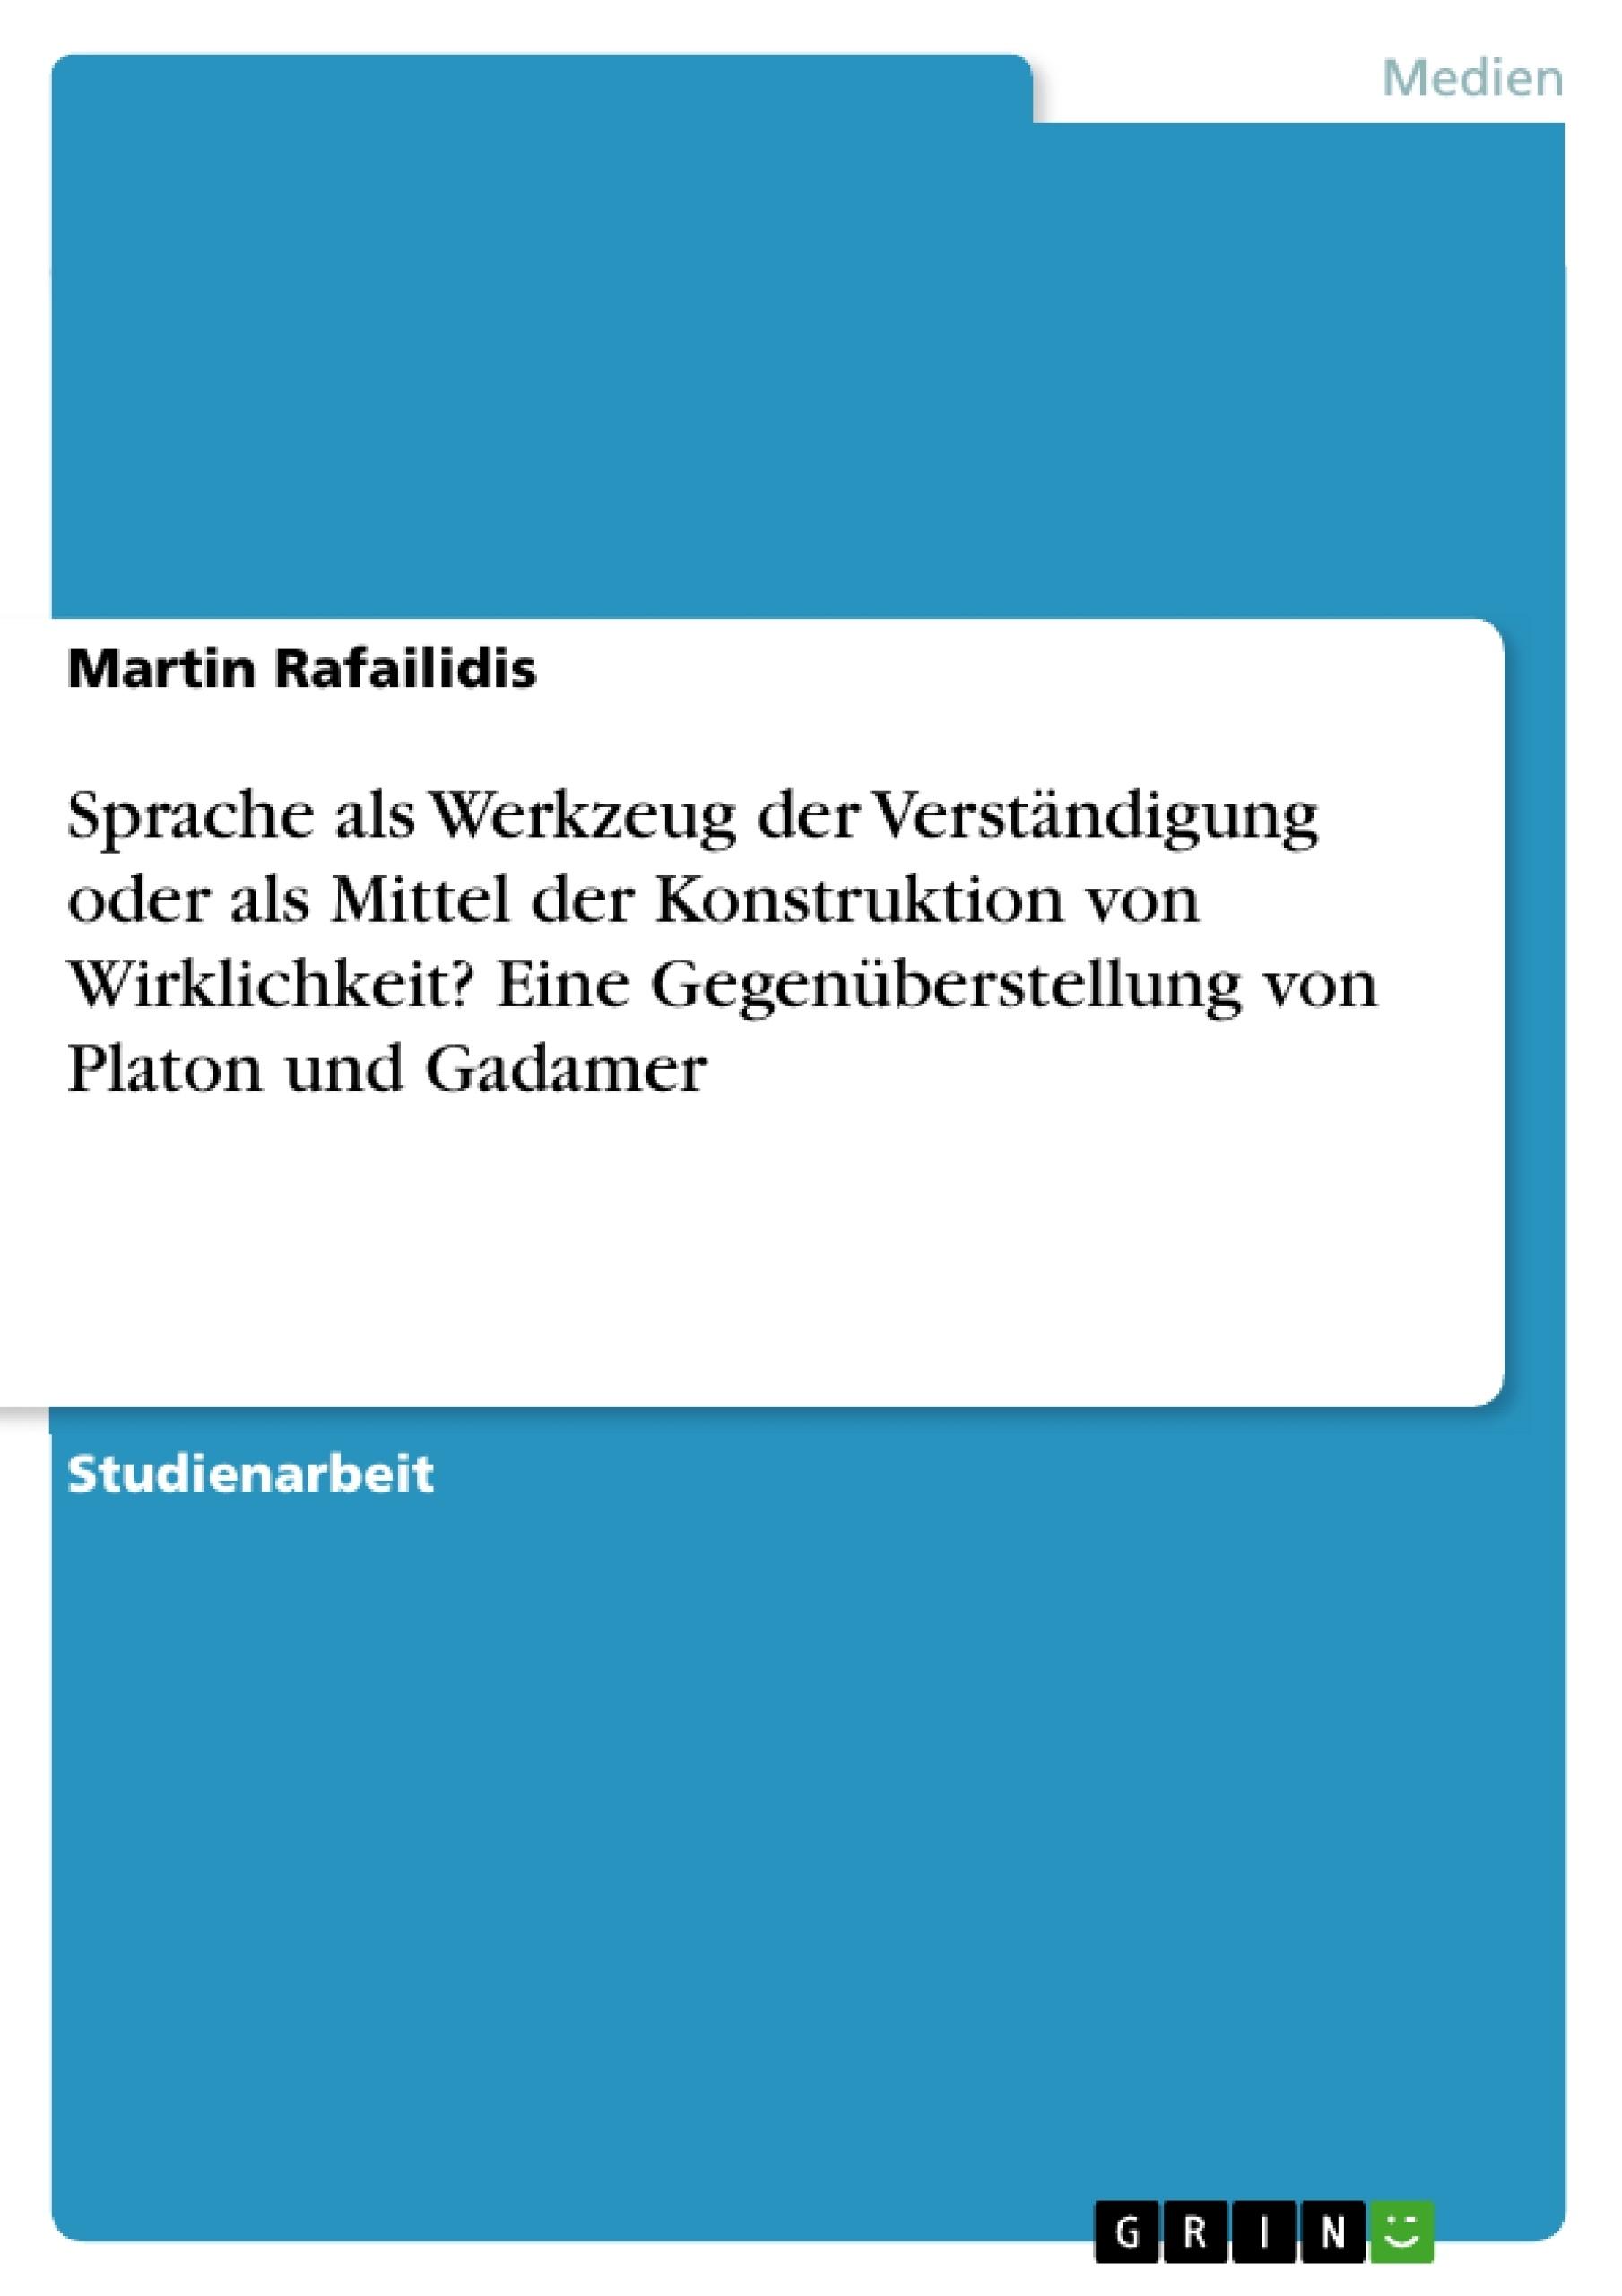 Titel: Sprache als Werkzeug der Verständigung oder als Mittel der Konstruktion von Wirklichkeit? Eine Gegenüberstellung von Platon und Gadamer